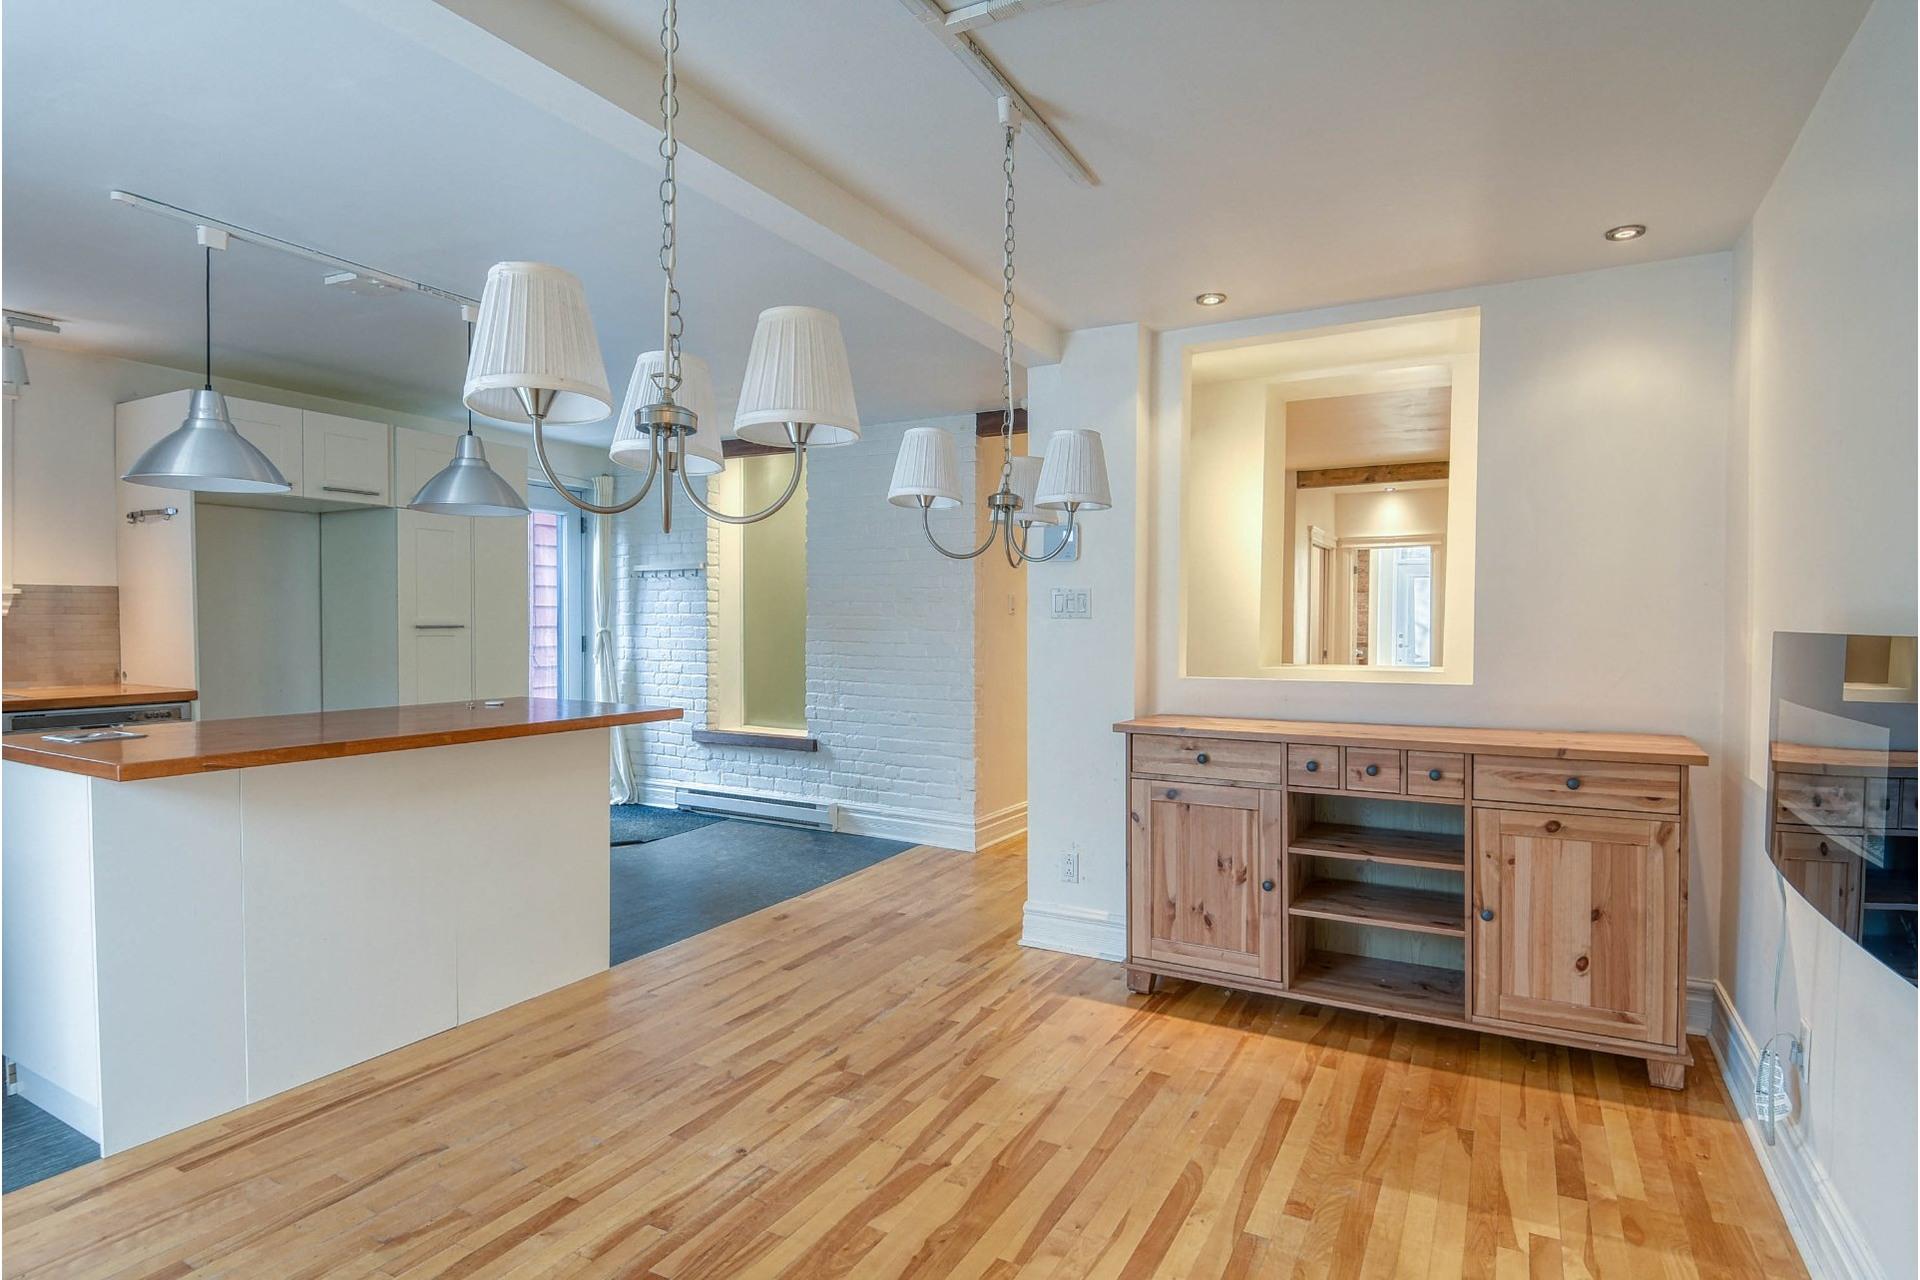 image 10 - Duplex For sale Le Sud-Ouest Montréal  - 5 rooms